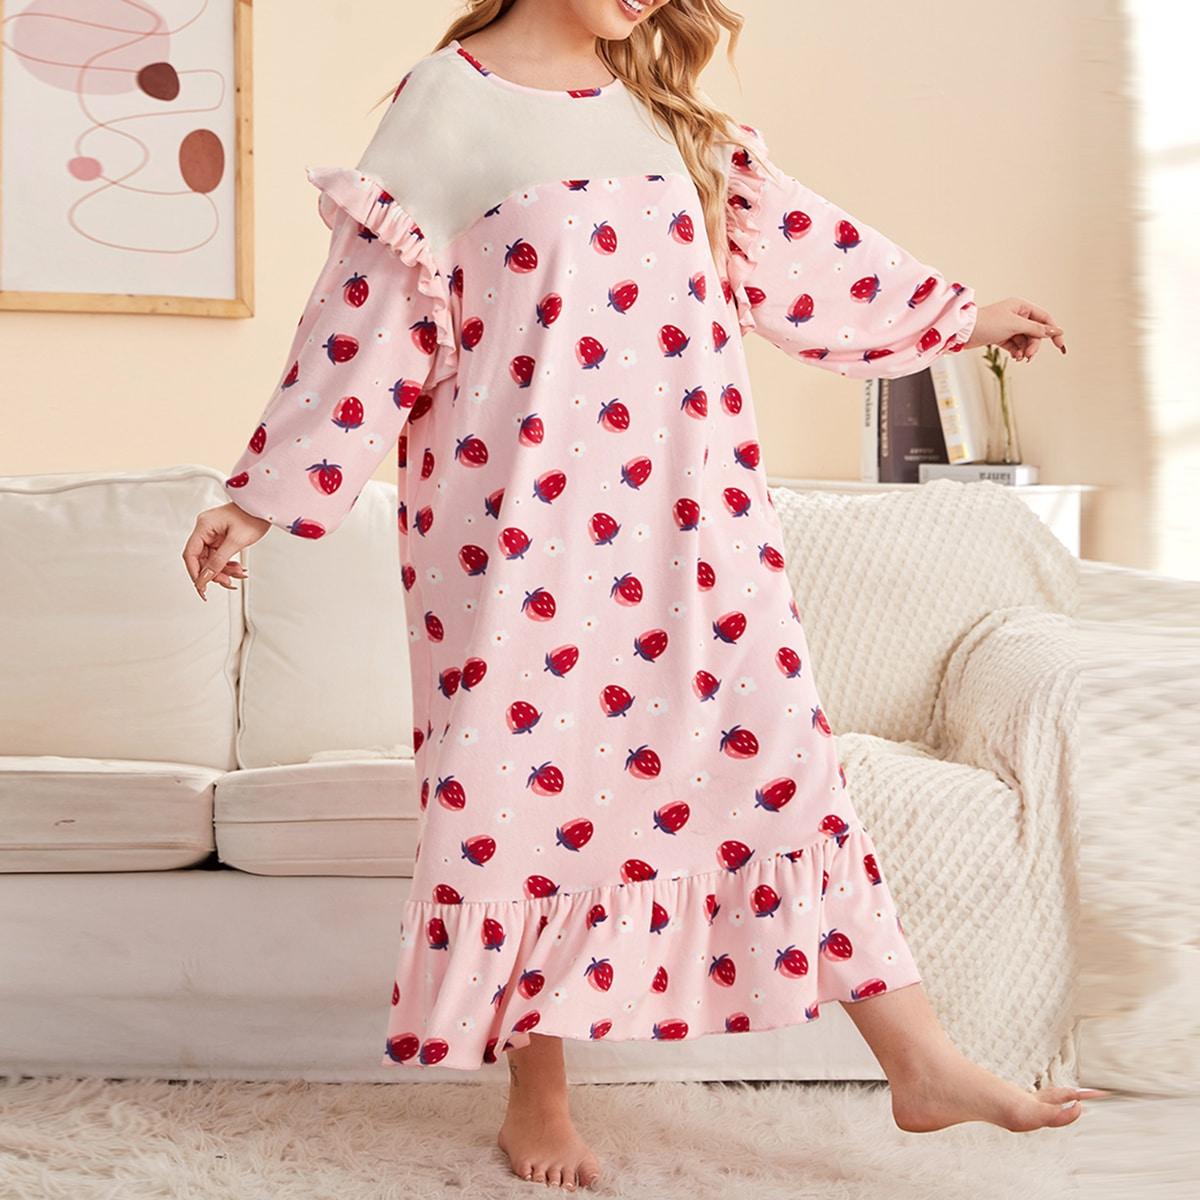 Пижамное платье с клубничным принтом и оборками на подоле